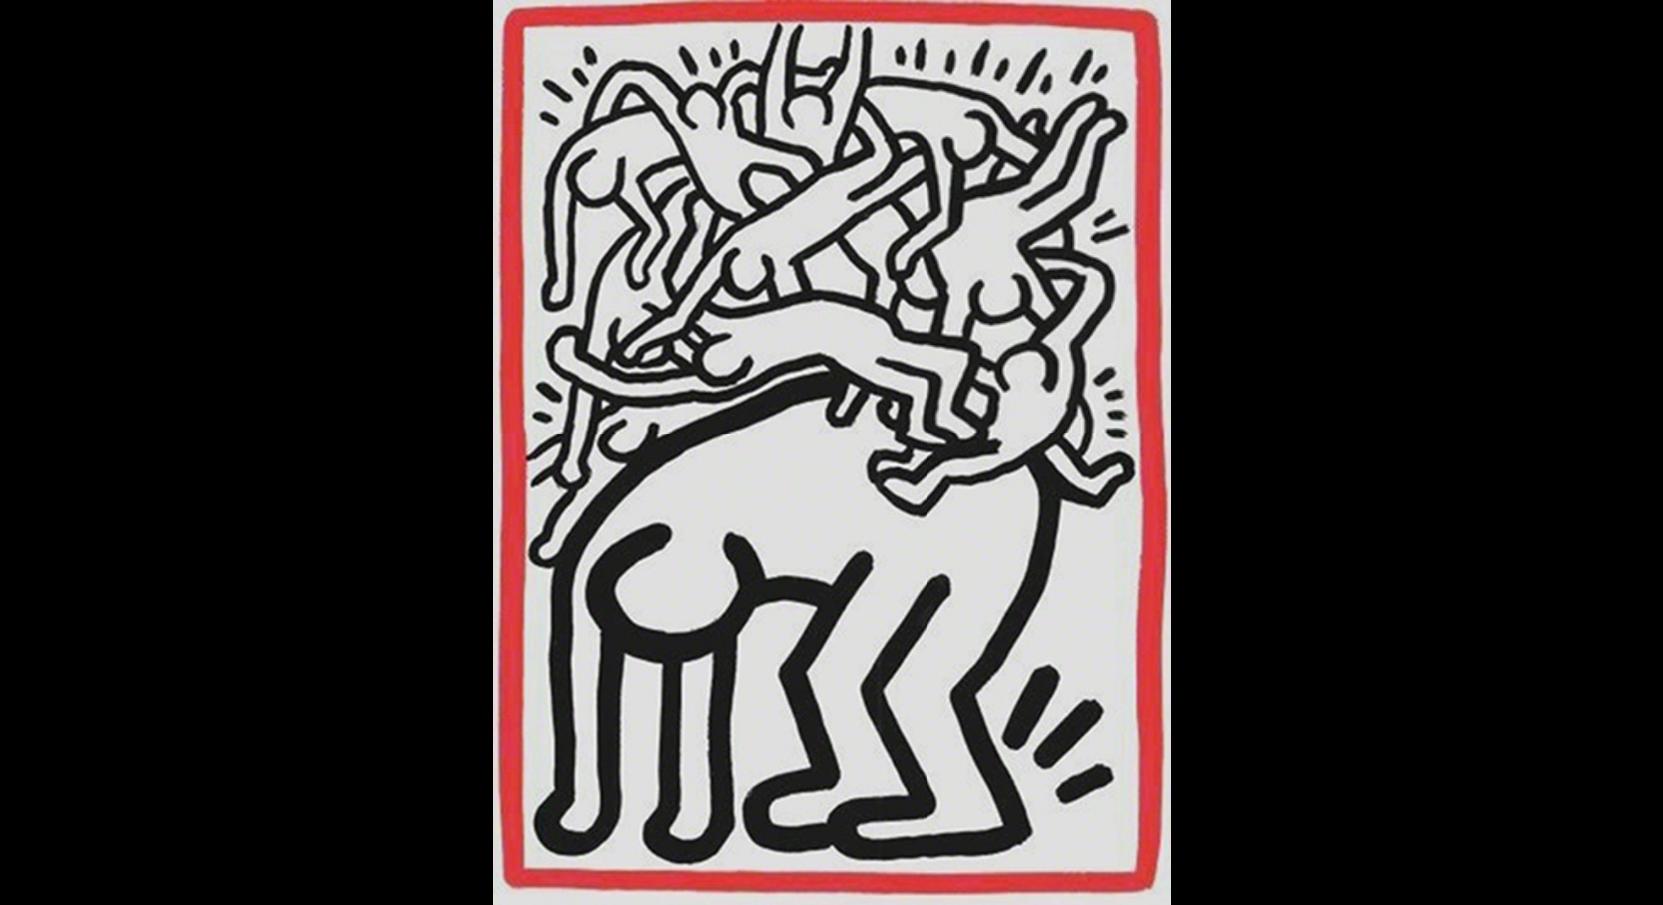 keith-haris-desenho-nova-york-anos-80-aids-dionisio-arte (21)